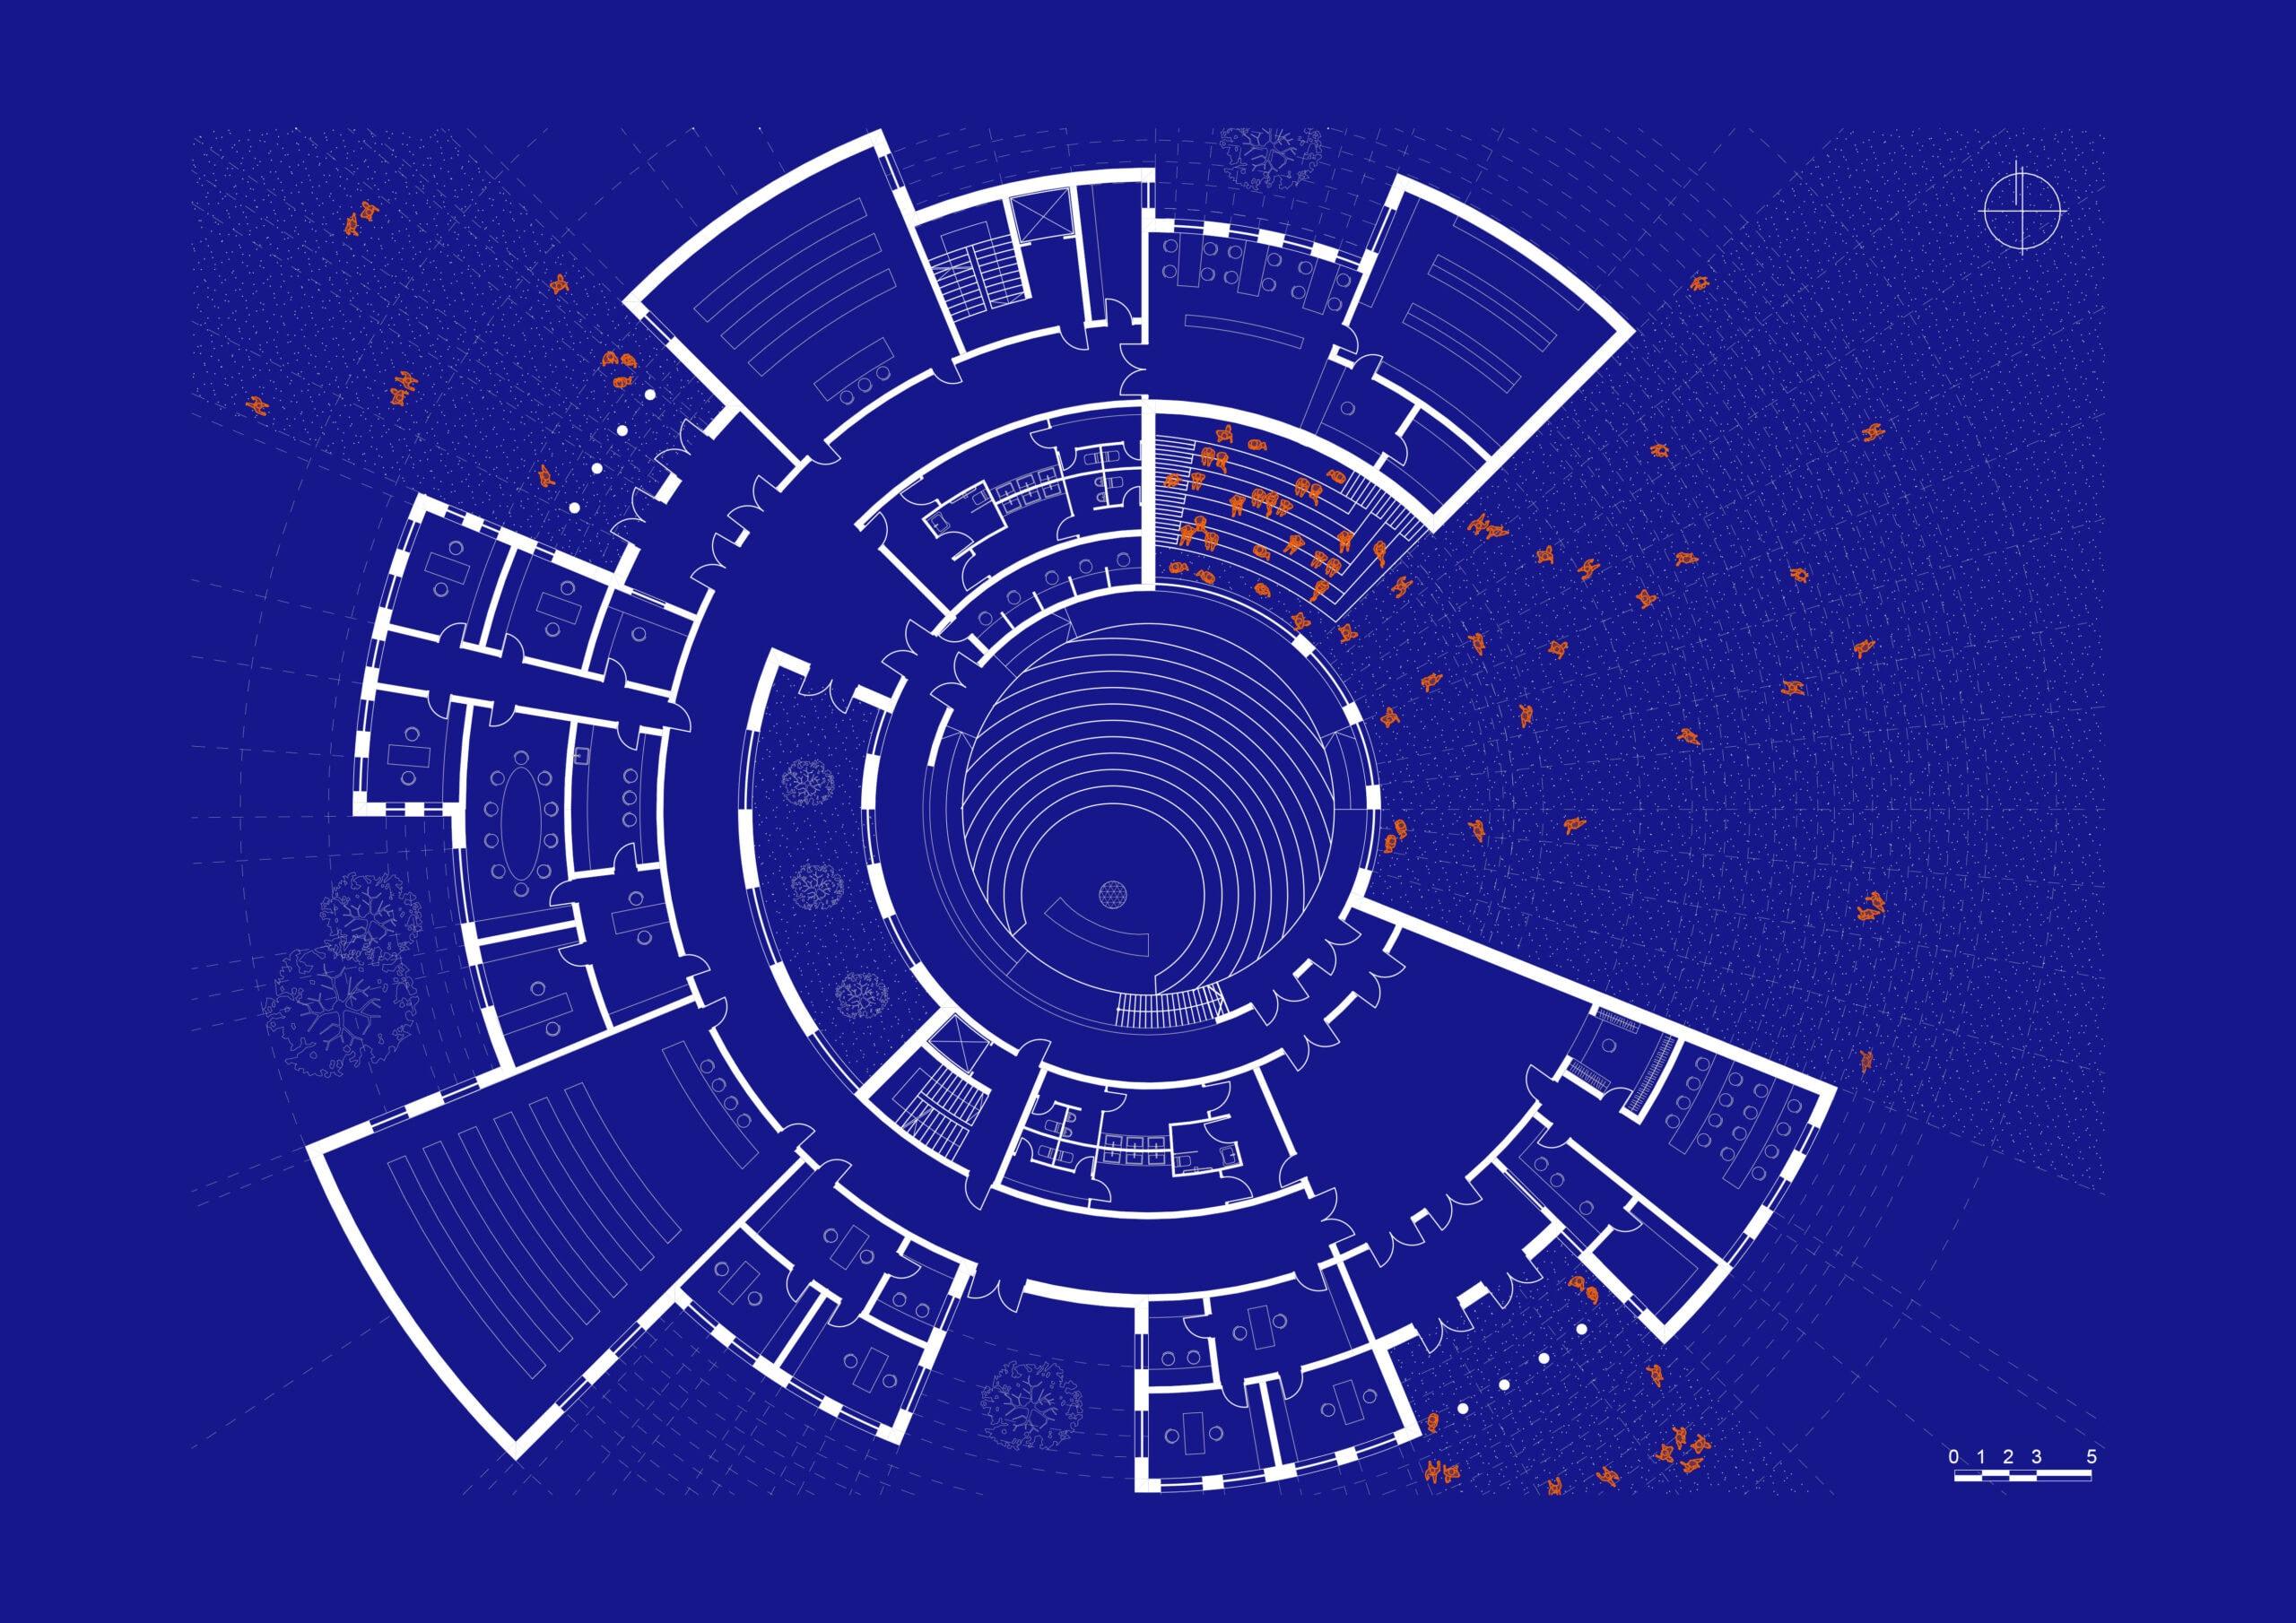 20914_DesigningTheWayWeRule_Floorplan